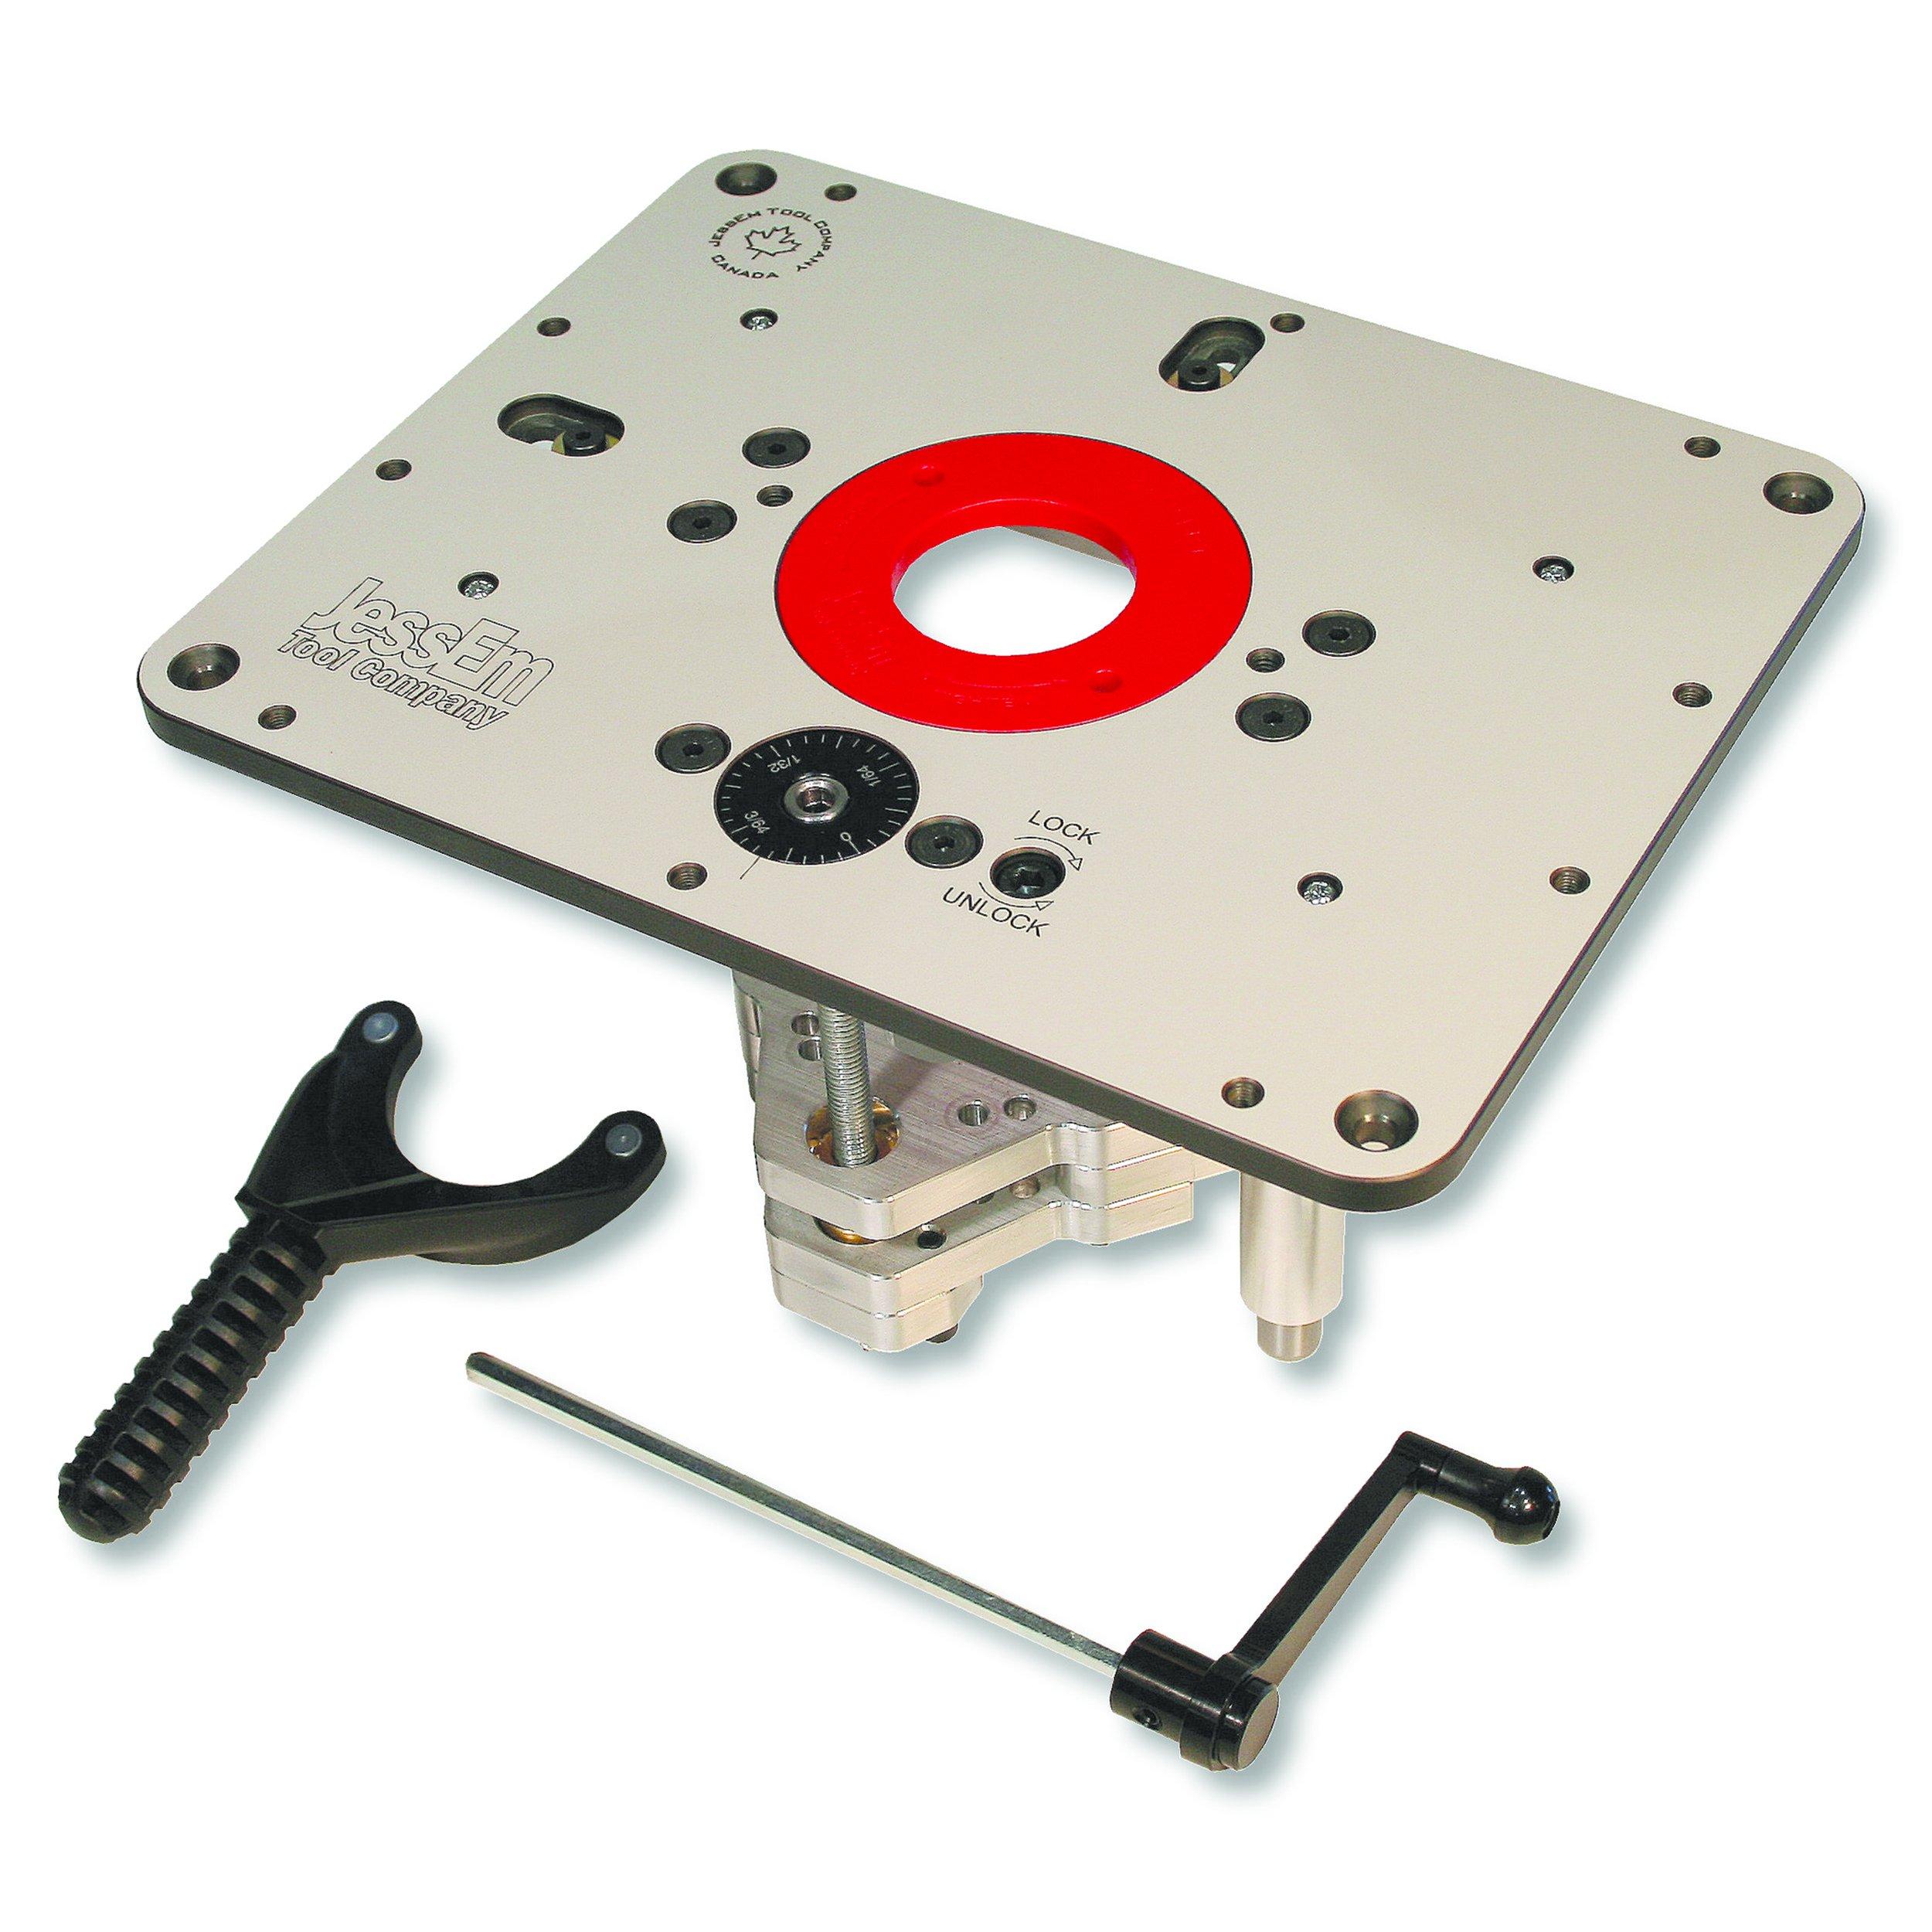 JessEm Rout-R-Lift II Router Lift For 3-1/2'' Diameter Motors, JessEm# 02310